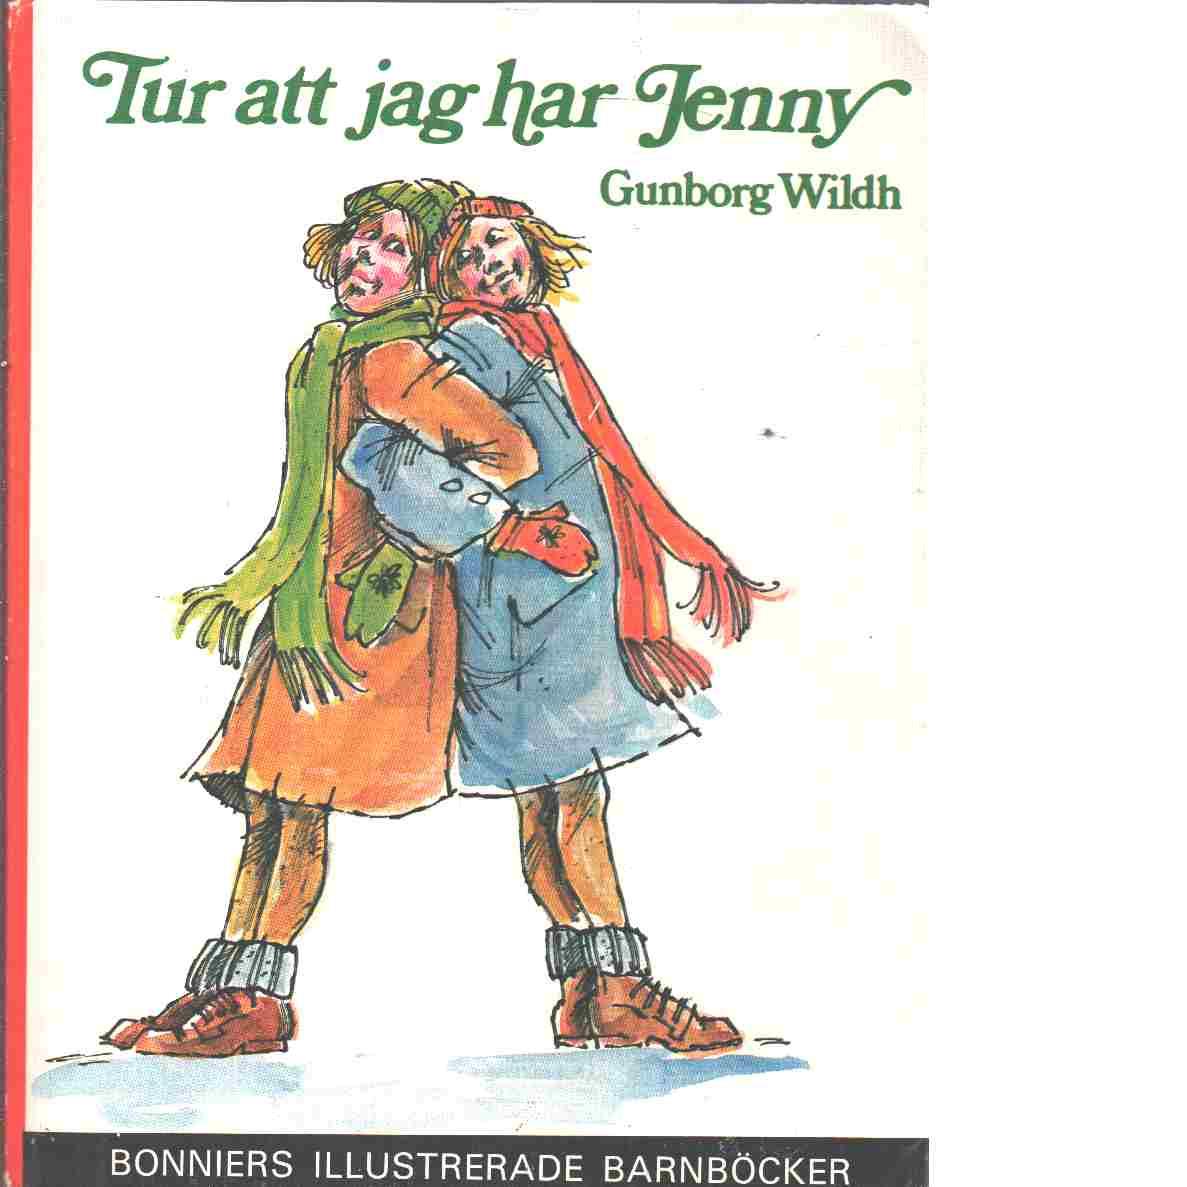 Tur att jag har Jenny - Wildh, Gunborg